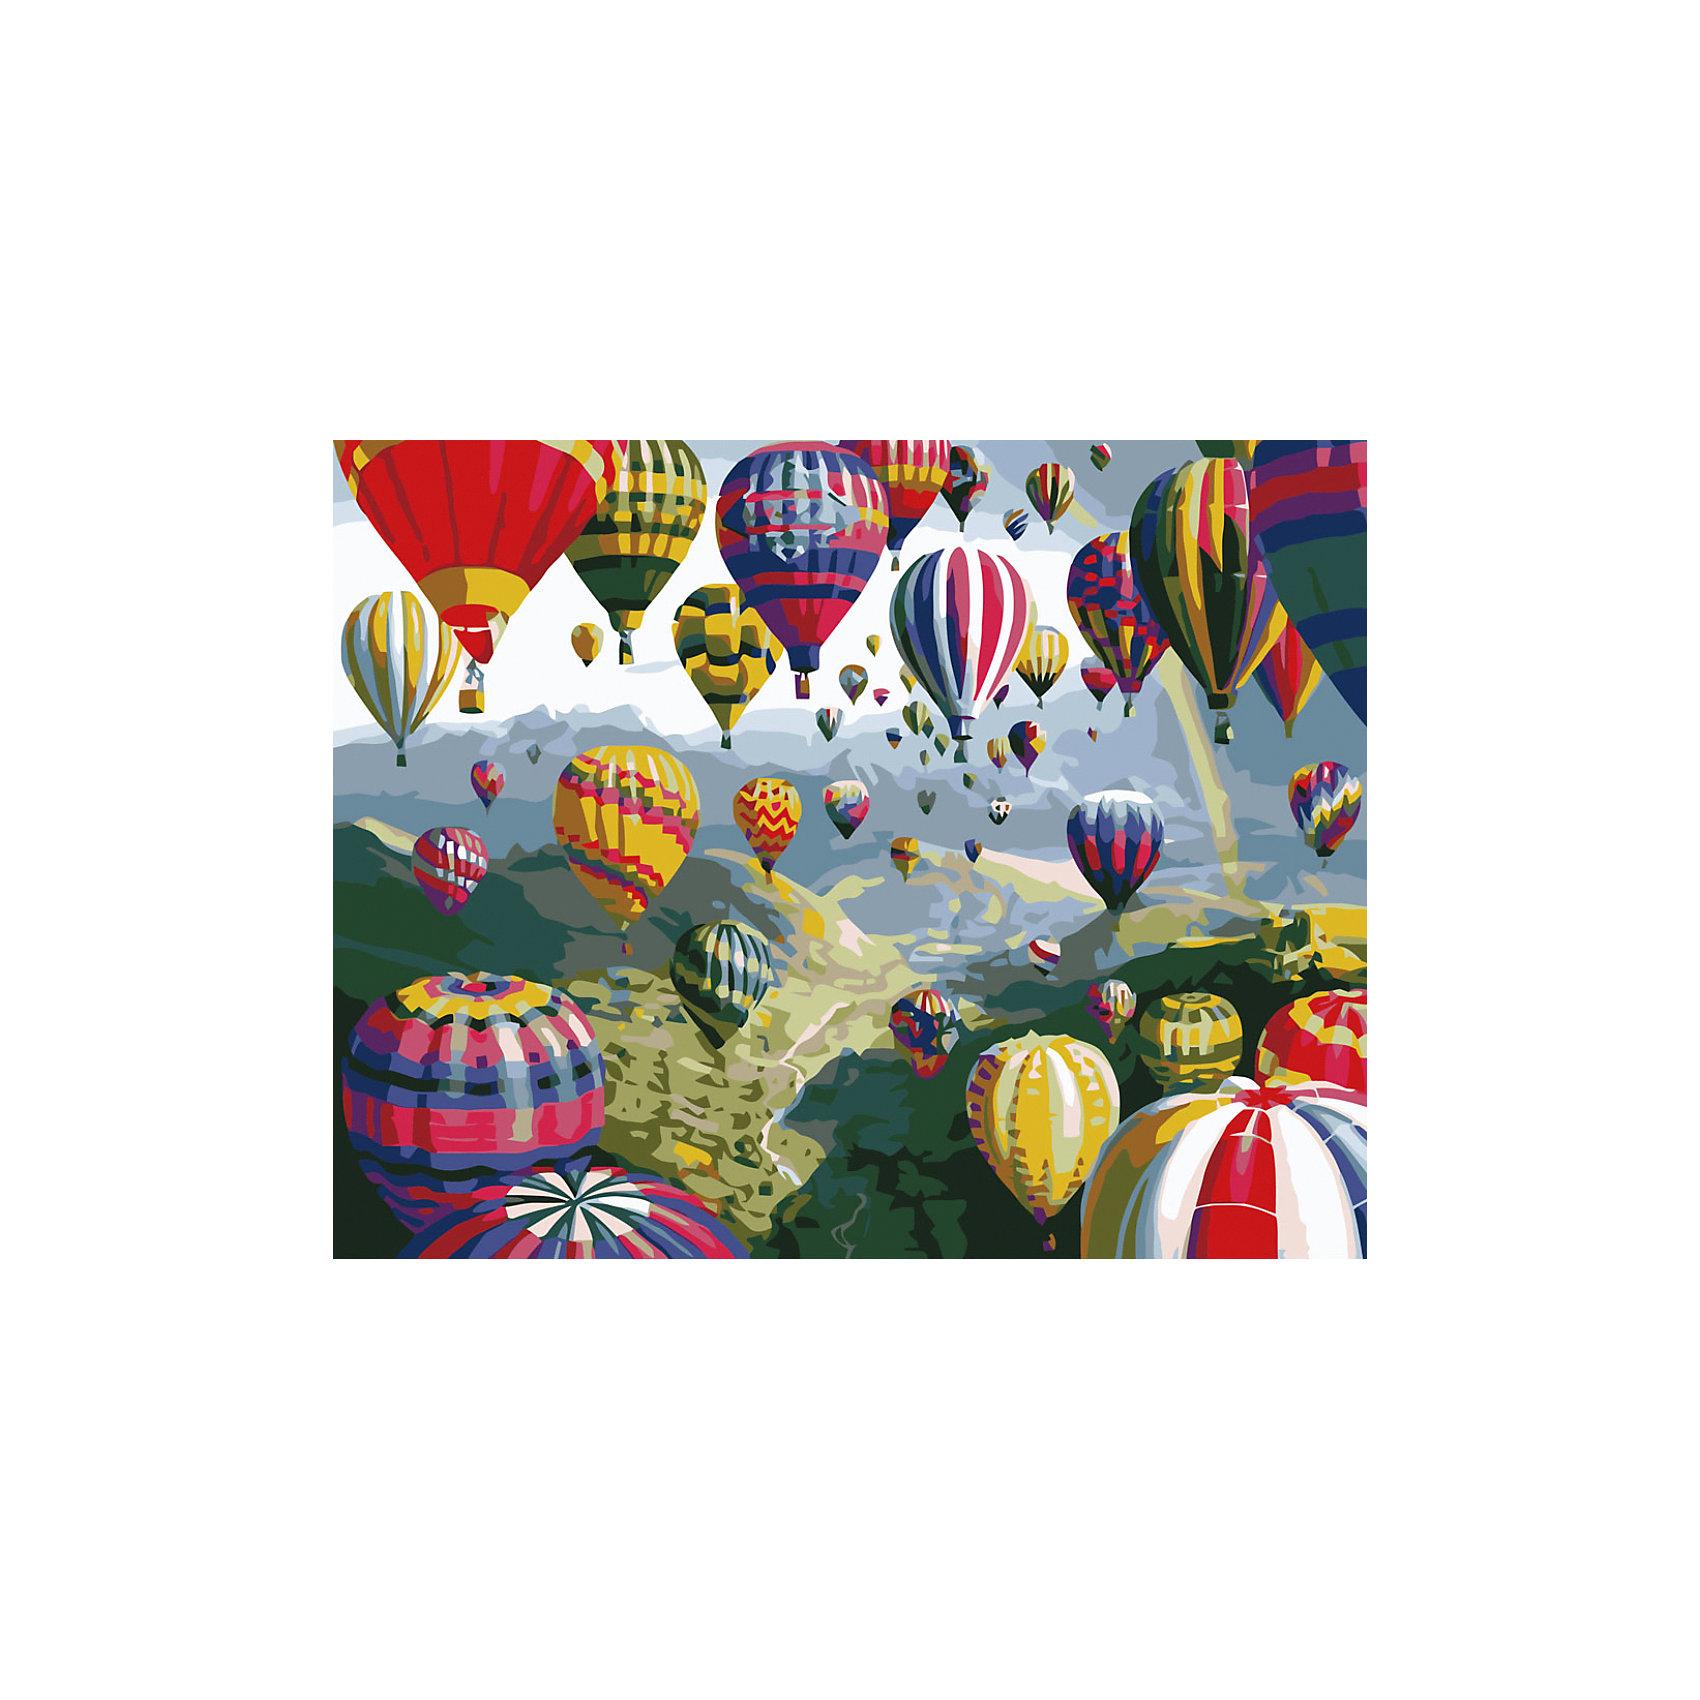 Роспись по номерам Воздушные шары 40*50 смПоследняя цена<br>Характеристики товара:<br><br>• комплектация: холст, карта рисунка, краски, кисти, инструкция<br>• размер упаковки: 42х52х3 см<br>• размер холста: 40х50 см<br>• не требует специальных навыков<br>• страна бренда: Российская Федерация<br>• страна производства: Китай<br><br>Набор для раскрашивания по номерам - это отличный подарок для ребенка! В комплекте есть всё необходимое для самостоятельного создания шедевра: холст, краски, кисти и инструкция. Акриловые краски не нужно смешивать - каждый номер баночки соответствует номеру нужного оттенка на холсте. Нарисовать картину сможет даже человек, никогда раньше не рисовавший! Готовое полотно и может стать украшением интерьера или подарком для близких.<br>Комплектующие набора качественно выполнены, сделаны из безопасных для детей материалов. Рисование помогает детям лучше развить мелкую моторику, память, внимание, аккуратность и мышление. Такой набор - отличный подарок ребенку, но он сможет увлечь даже взрослого!<br><br>Роспись по номерам Воздушные шары 40*50 см от бренда TUKZAR можно купить в нашем интернет-магазине.<br><br>Ширина мм: 420<br>Глубина мм: 520<br>Высота мм: 50<br>Вес г: 900<br>Возраст от месяцев: 36<br>Возраст до месяцев: 2147483647<br>Пол: Унисекс<br>Возраст: Детский<br>SKU: 5227699